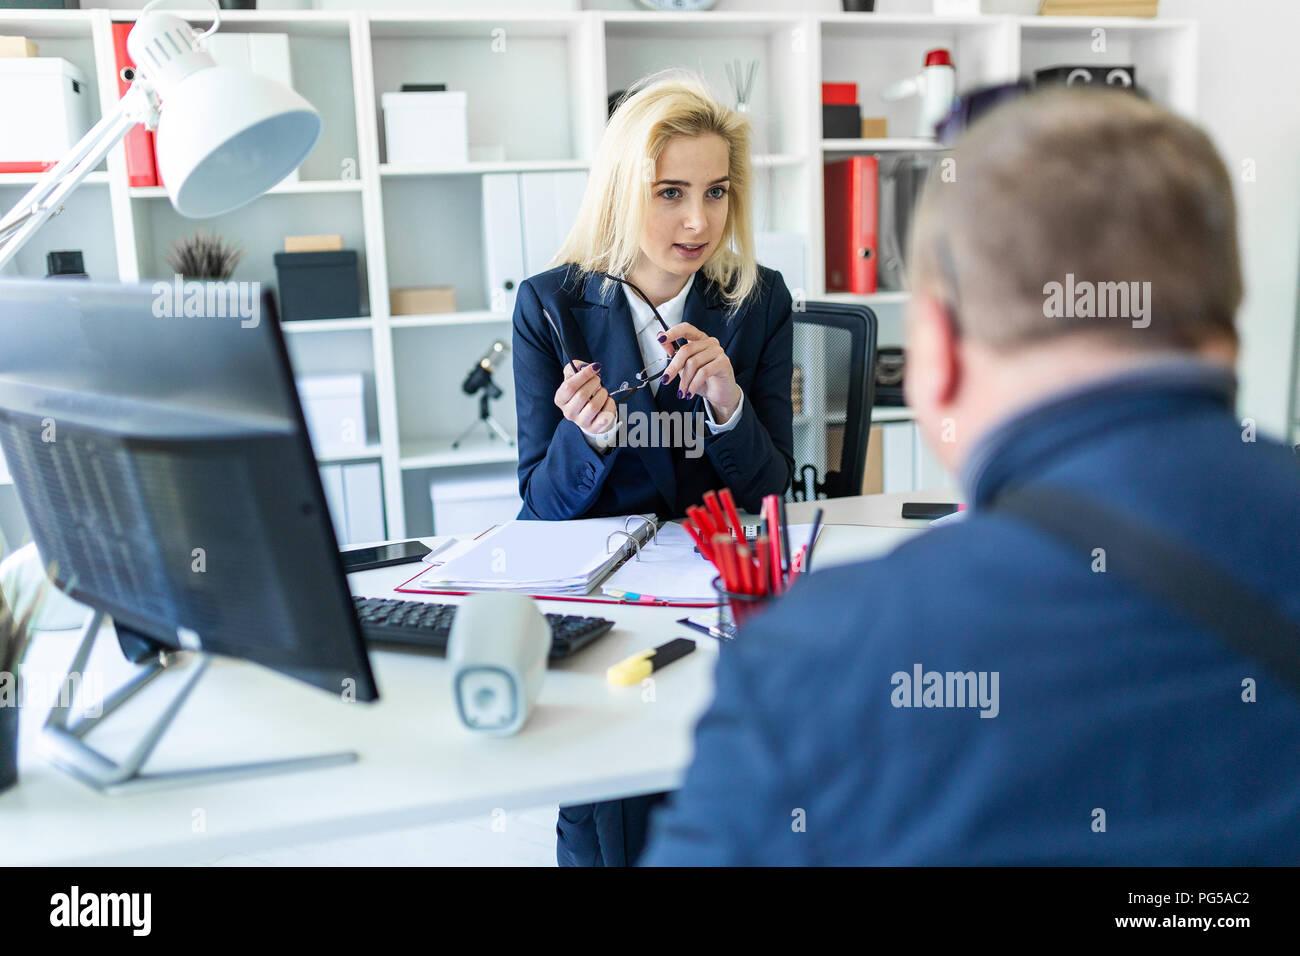 Una giovane ragazza è seduta al tavolo in ufficio, tenendo i bicchieri in mano e parlando di un uomo. Immagini Stock